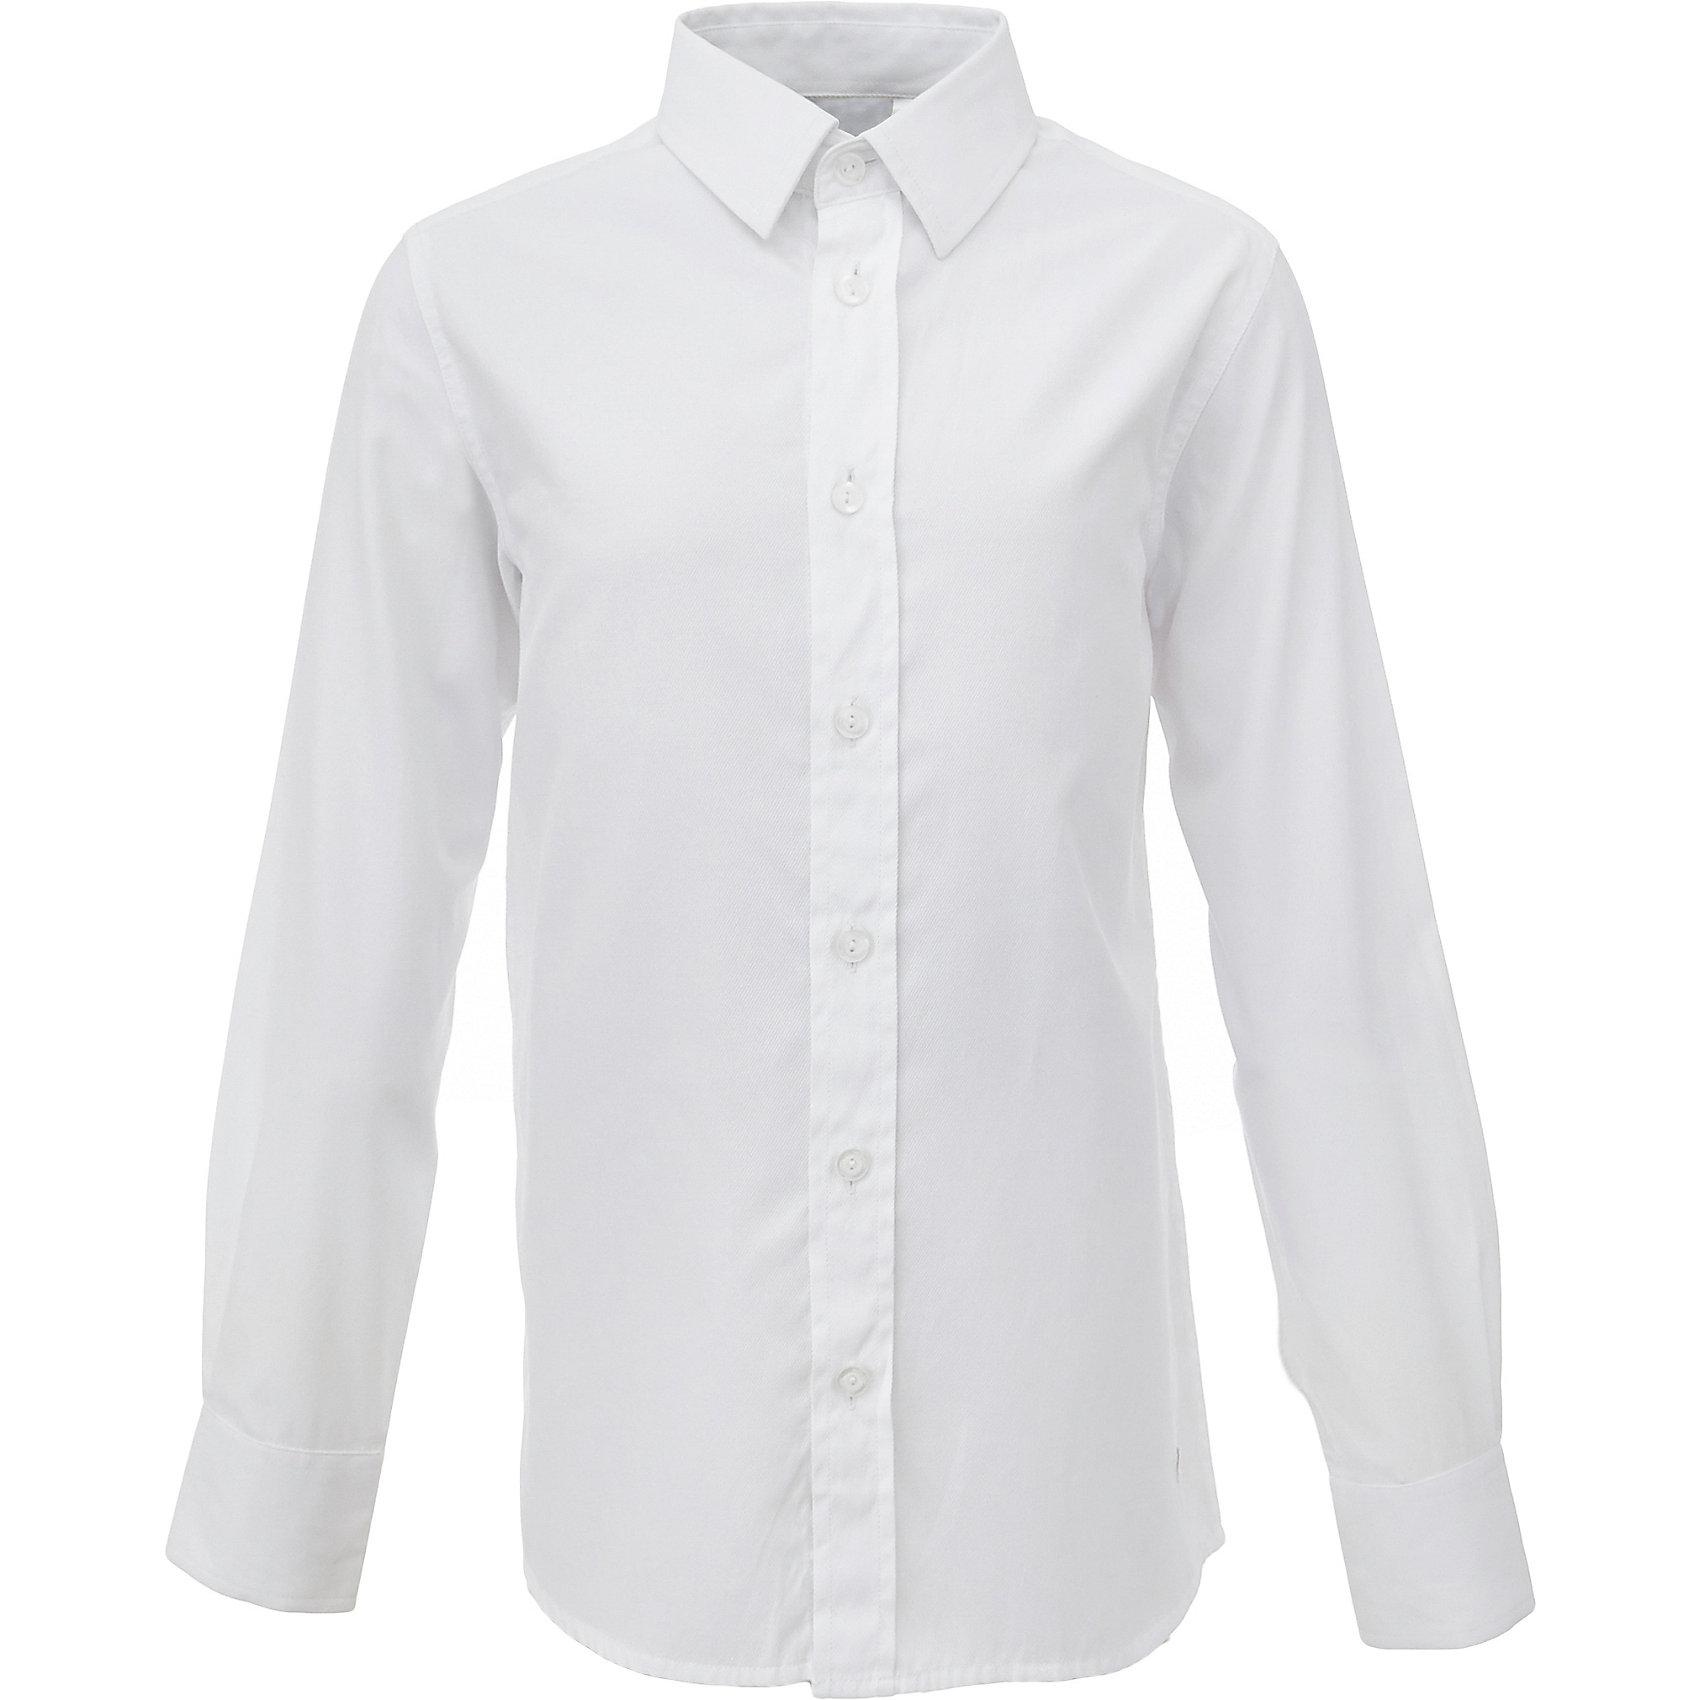 Рубашка для мальчика GulliverБлузки и рубашки<br>Характеристики товара:<br><br>• цвет: белый<br>• состав: 60% хлопок, 40% полиэстер <br>• сезон: круглый год<br>• особенности: школьная, повседневная<br>• воротник-стойка<br>• застежки: пуговицы<br>• манжеты на двух пуговицах<br>• страна бренда: Российская Федерация<br>• страна производства: Российская Федерация<br><br>Школьная рубашка с длинным рукавом для мальчика. Белая рубашка - классика жанра! Подходит как для школы, так и для торжественного случая. Застегивается на пуговицы. Манжеты на двух пуговицах.<br><br>Рубашку для мальчика Gulliver (Гулливер) можно купить в нашем интернет-магазине.<br><br>Ширина мм: 174<br>Глубина мм: 10<br>Высота мм: 169<br>Вес г: 157<br>Цвет: белый<br>Возраст от месяцев: 168<br>Возраст до месяцев: 180<br>Пол: Мужской<br>Возраст: Детский<br>Размер: 170,122,128,134,140,146,152,158,164<br>SKU: 6678276